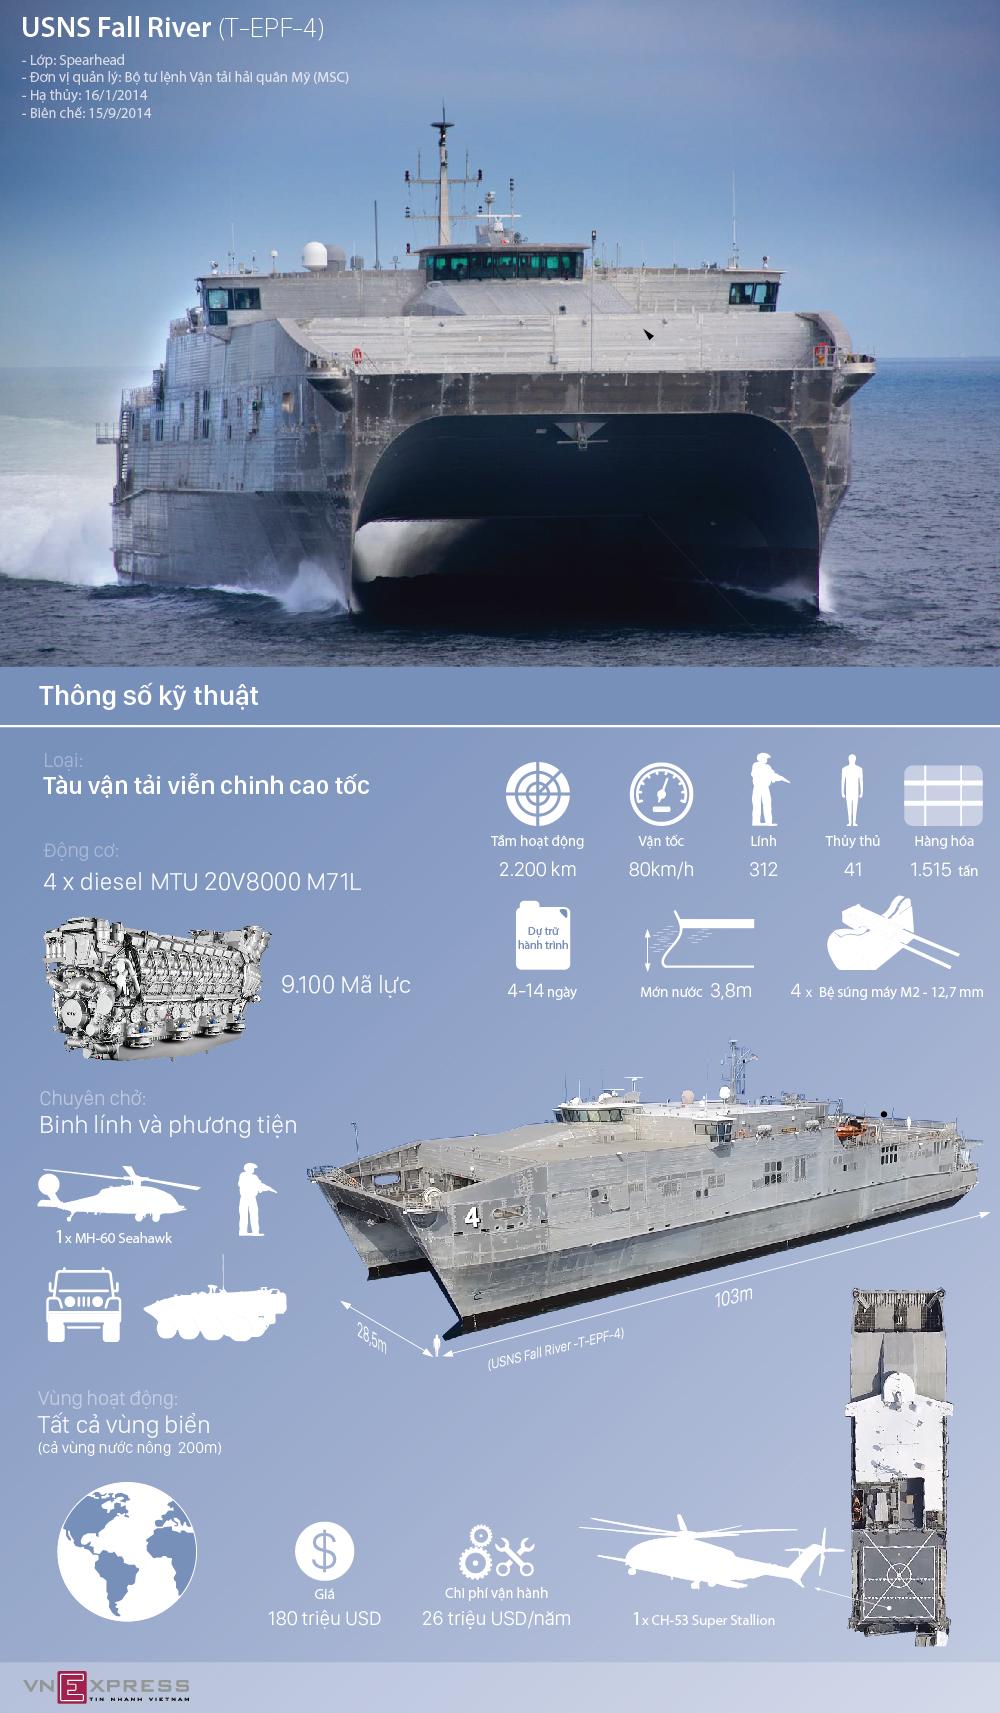 Tàu vận tải 180 triệu USD của Mỹ đang ở thăm Đà Nẵng